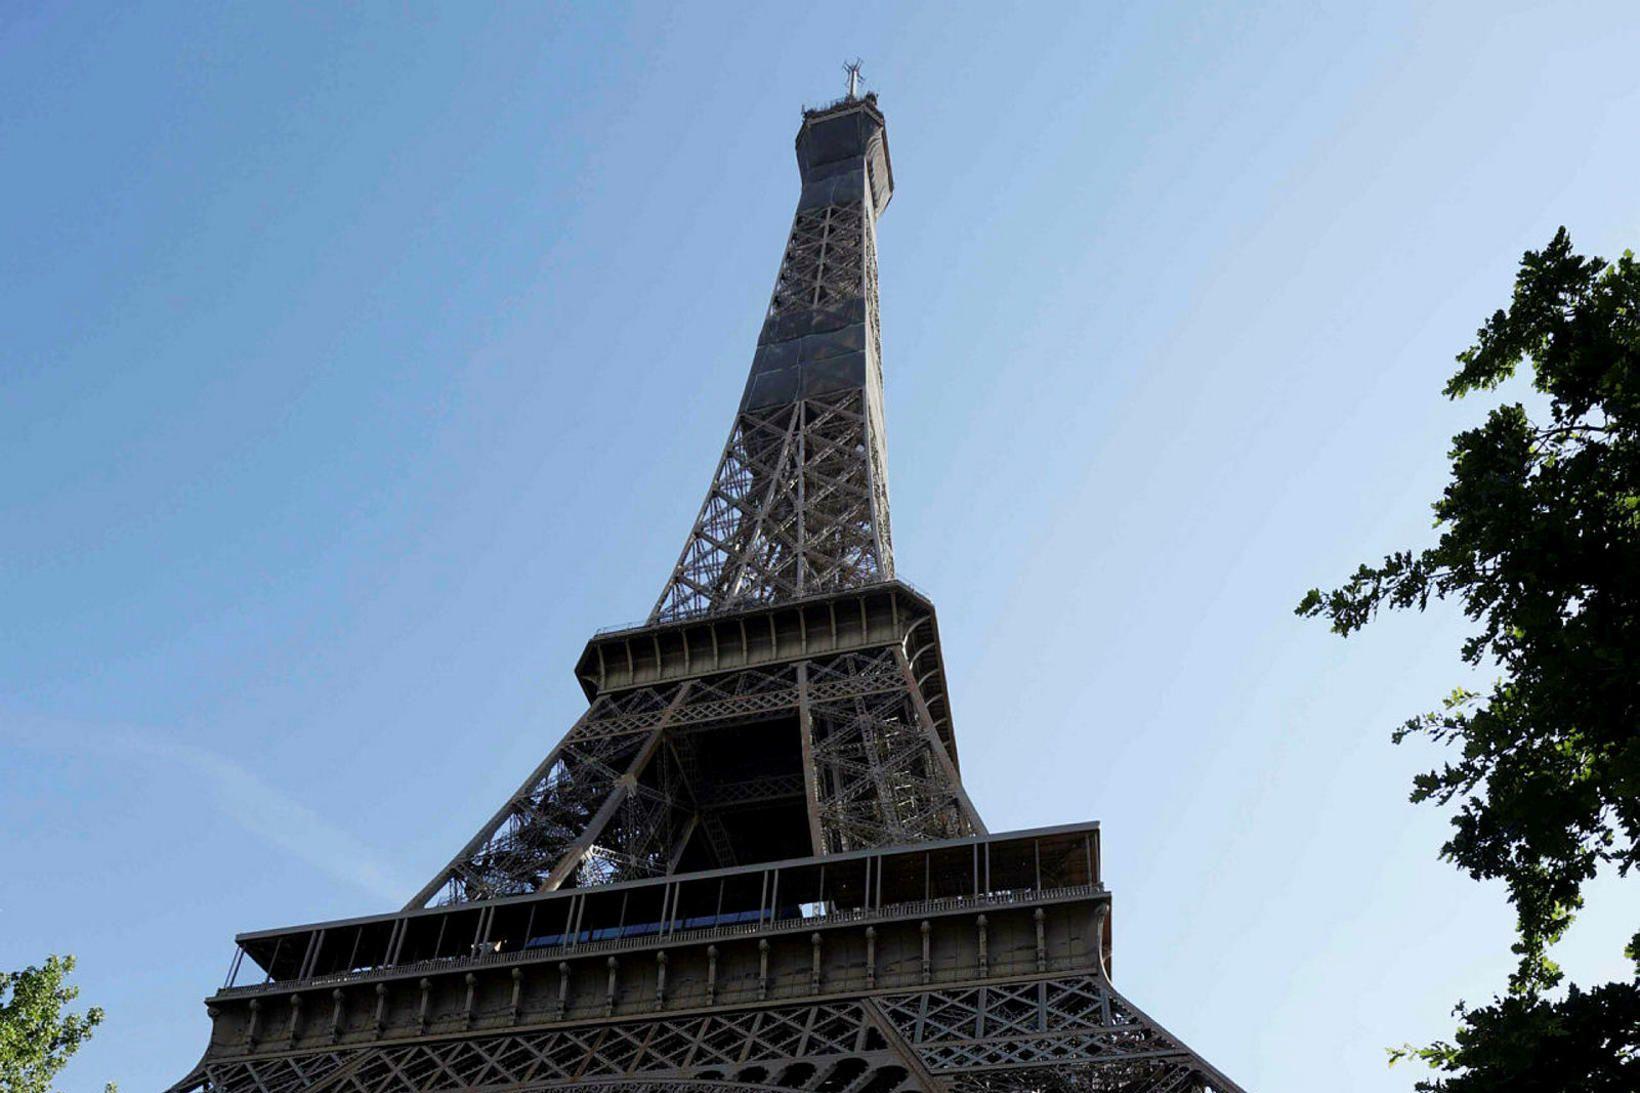 Eiffel turninn opnaði í dag.